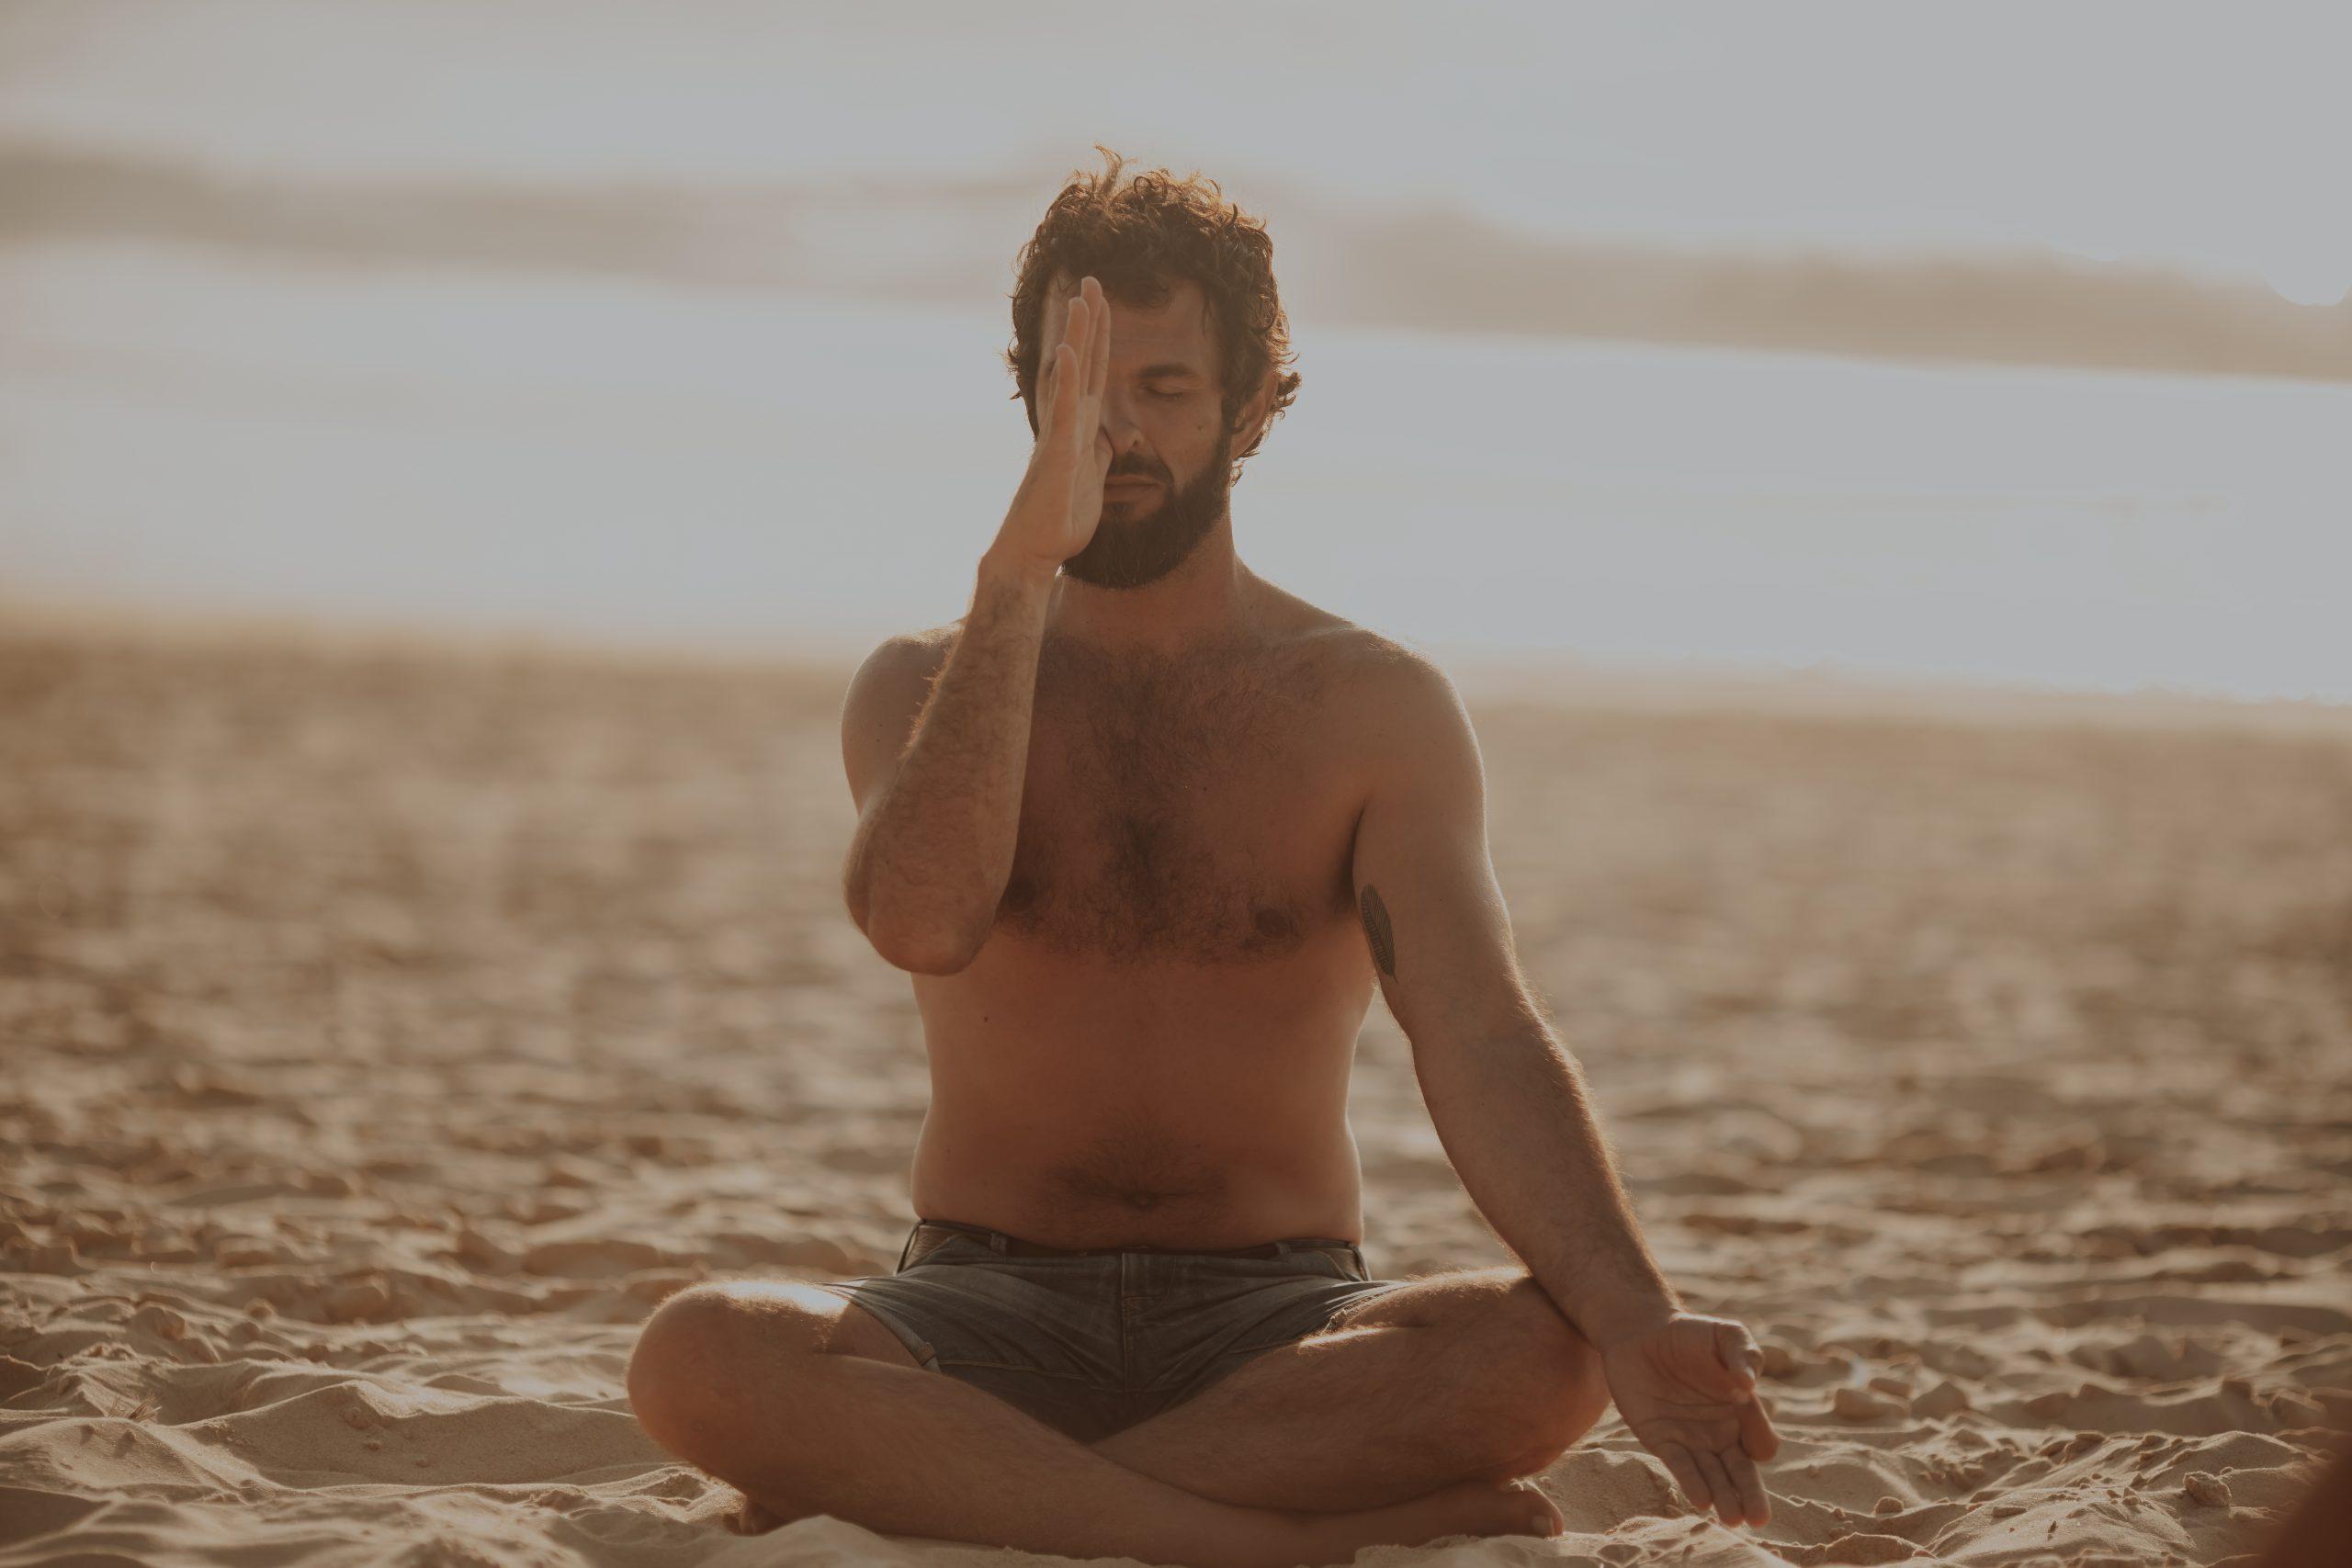 Guillaume Calabretto professeur de Yoga coach accompagnement Yoga Tabac chant méditation massage ayurvédique Bordeaux Lyon Capbreton Hossegor